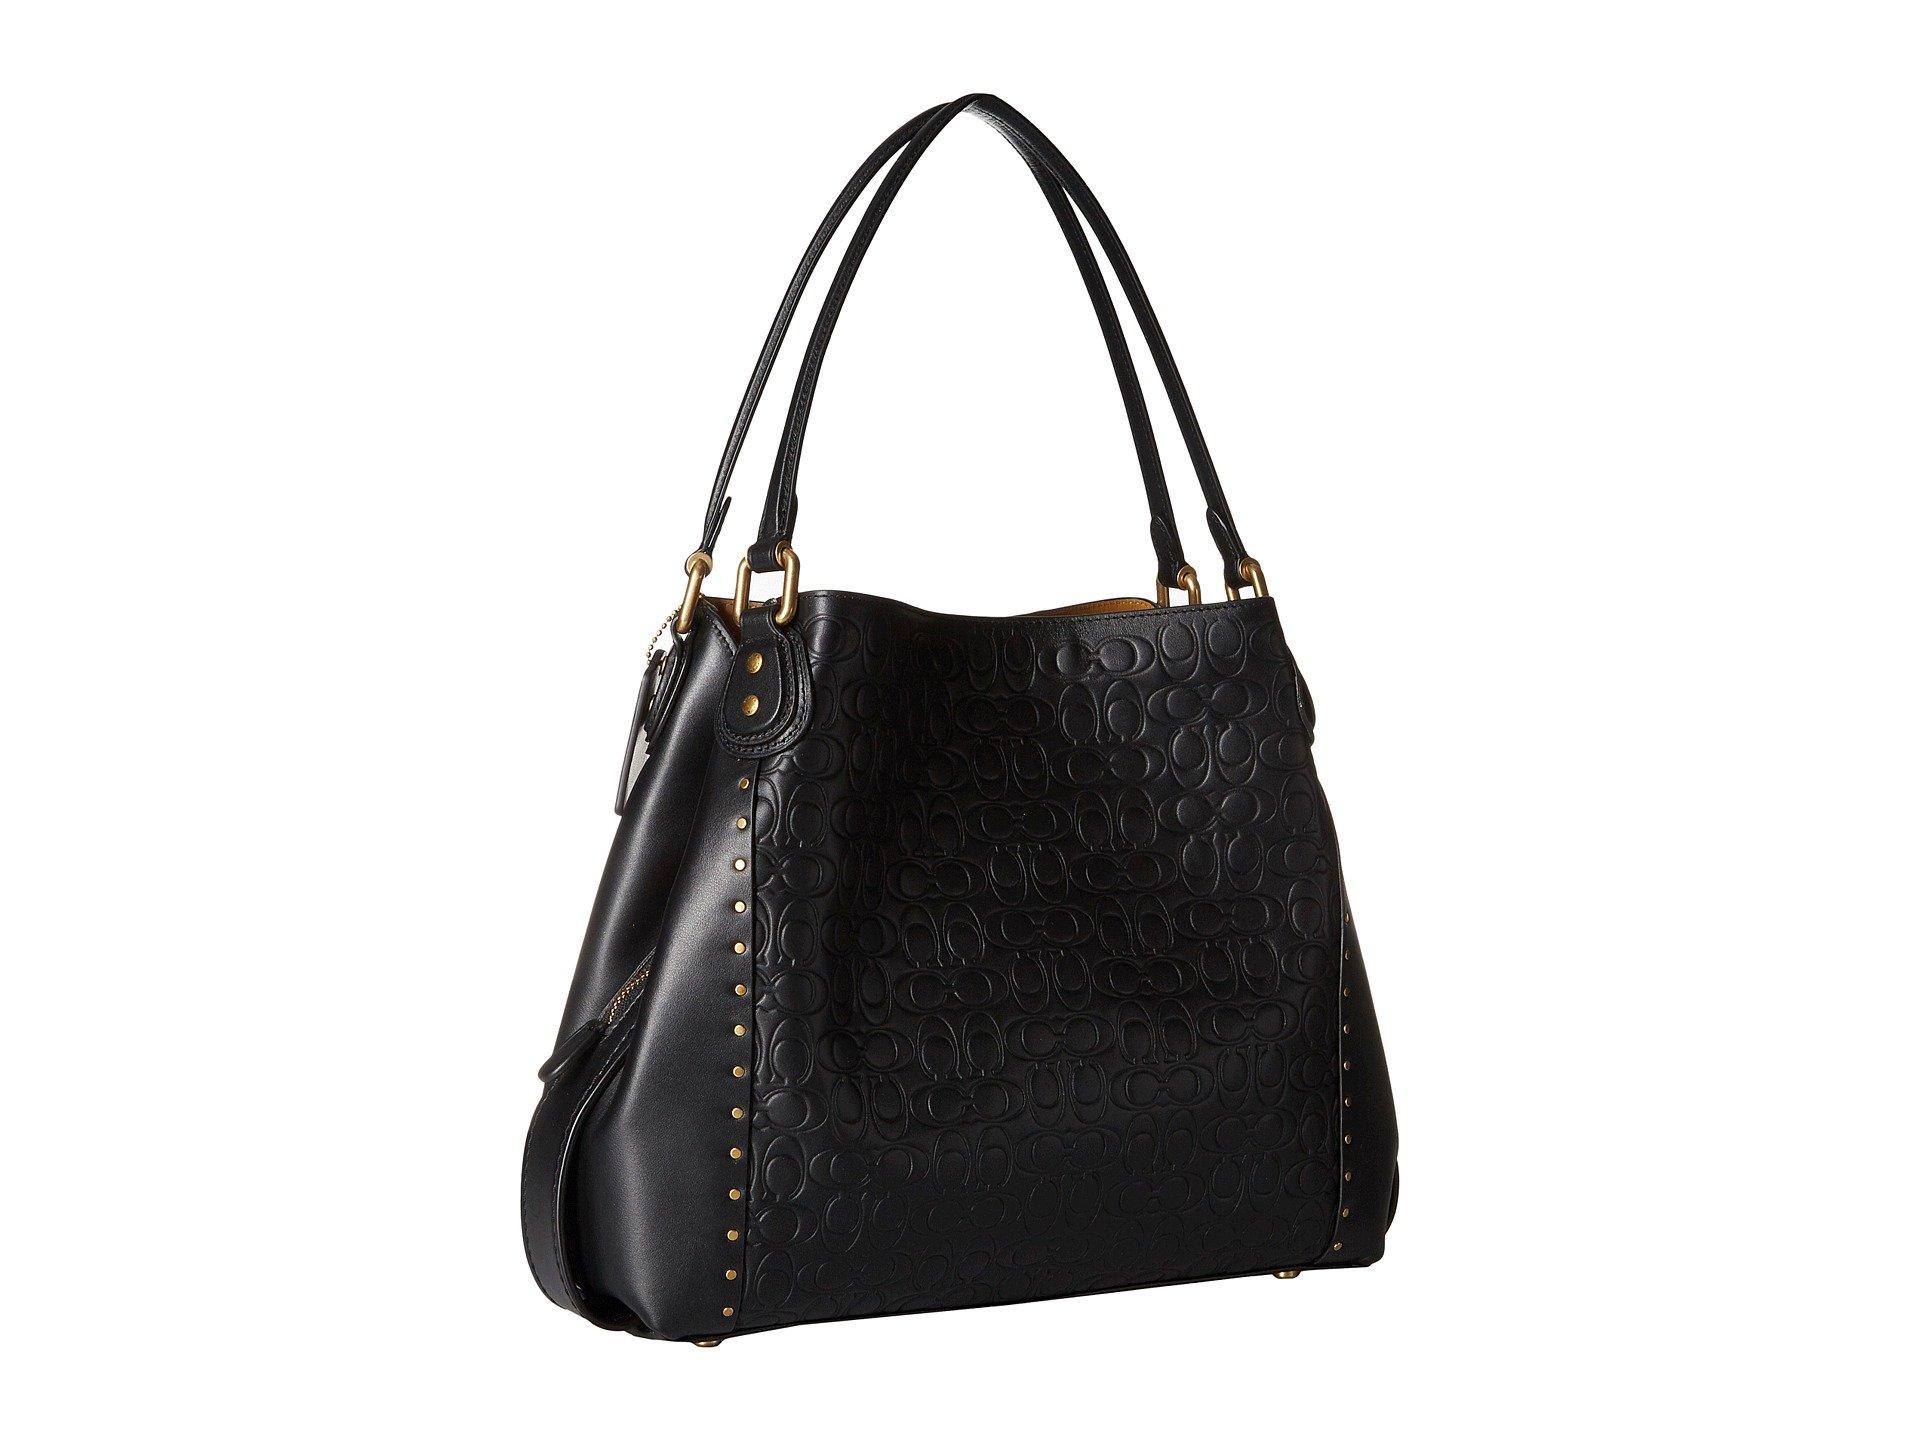 Leather black In Signature Bag Shoulder B4 31 Edie Coach gaYRpg